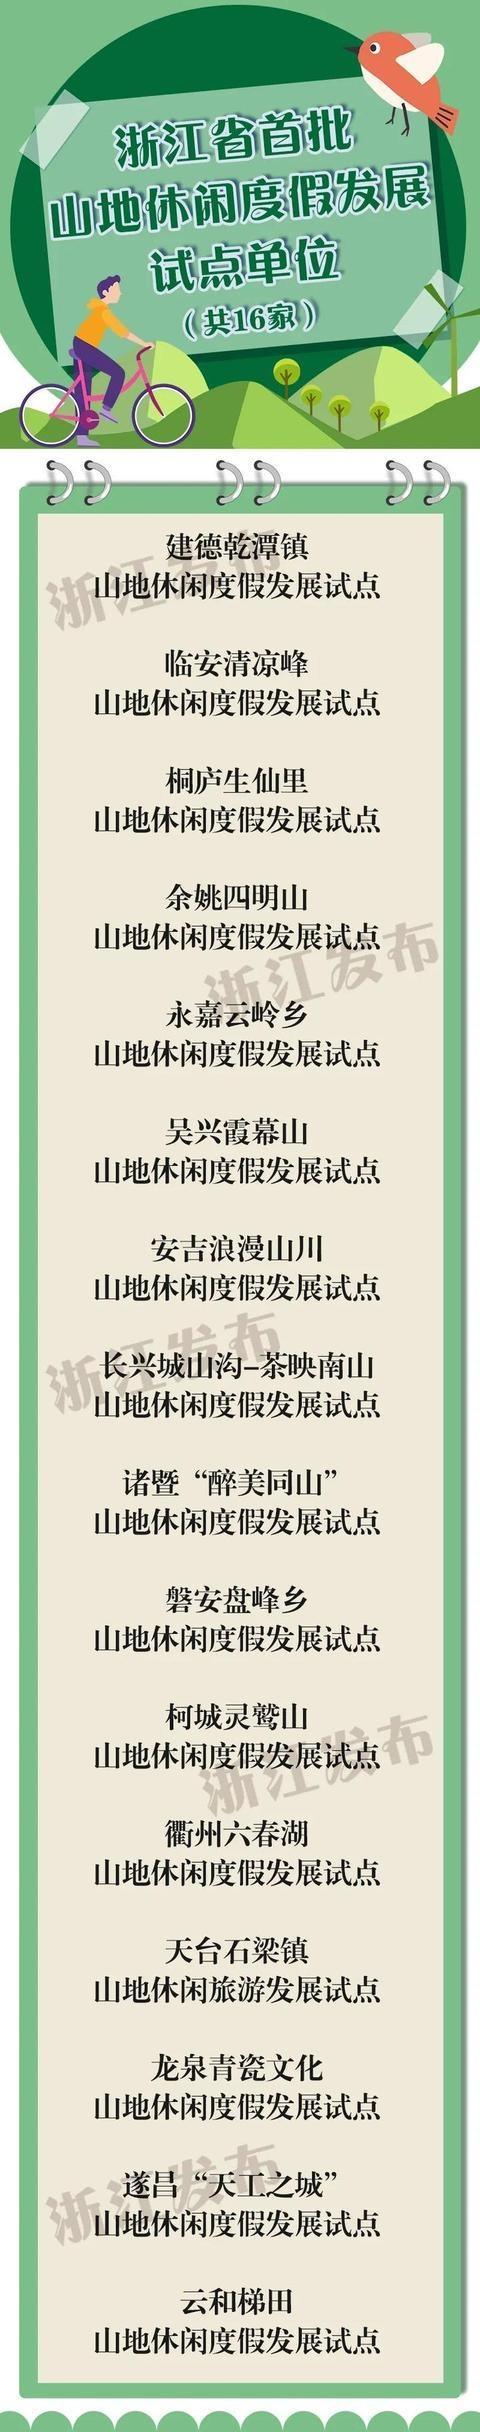 浙江省首批山地休闲度假发展试点单位公布 有你家乡吗